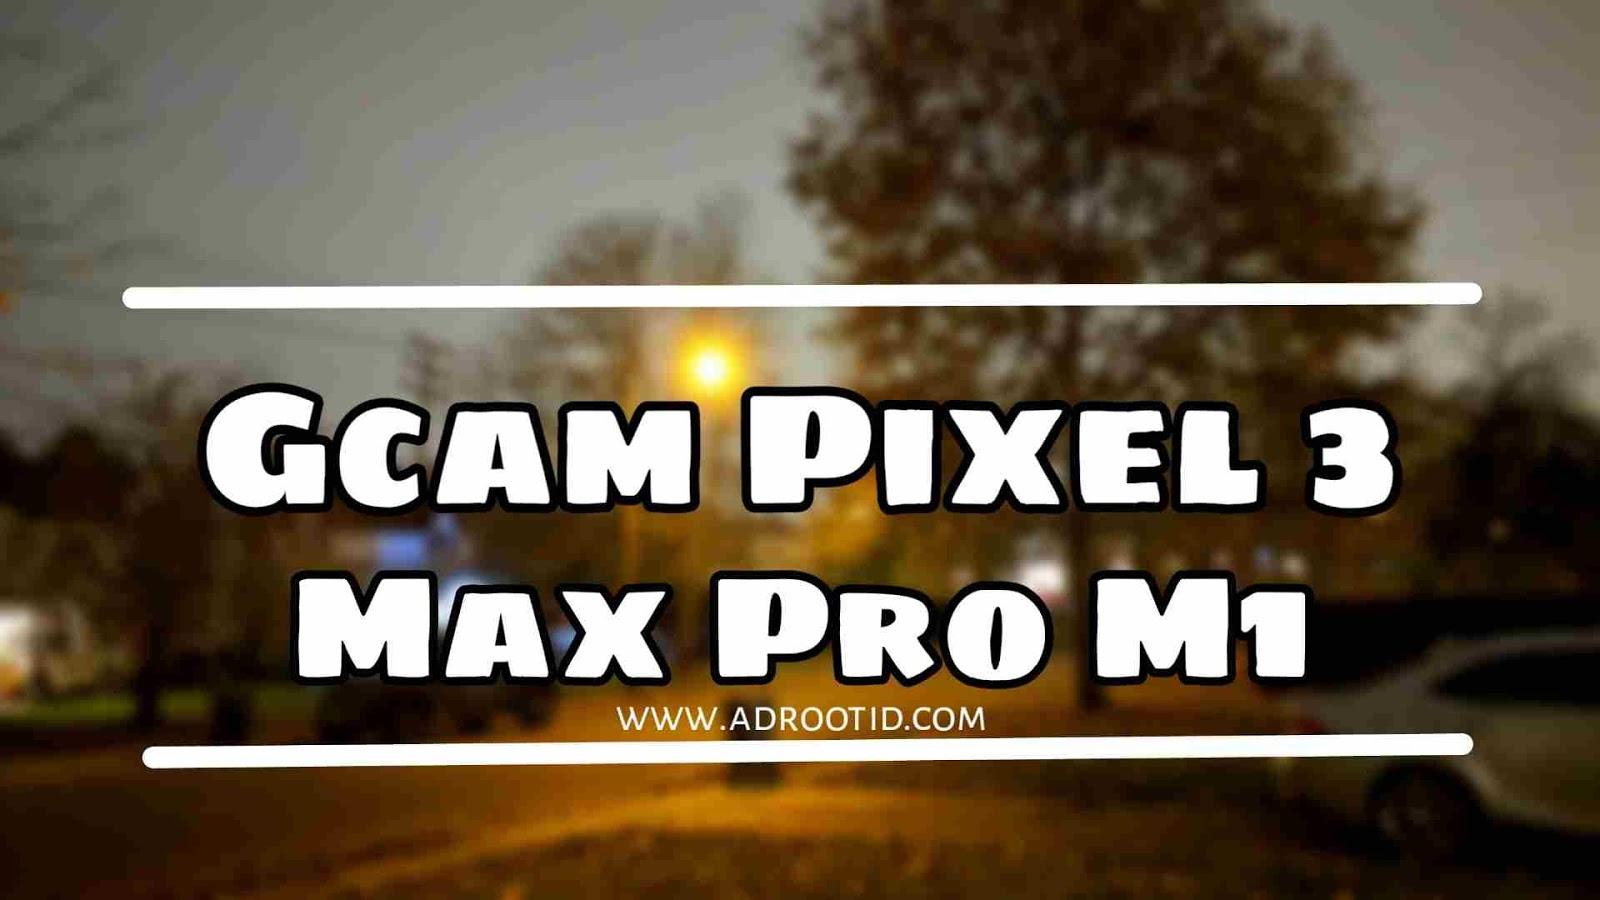 GCam Pixel 3 Max Pro M1 Tolyan